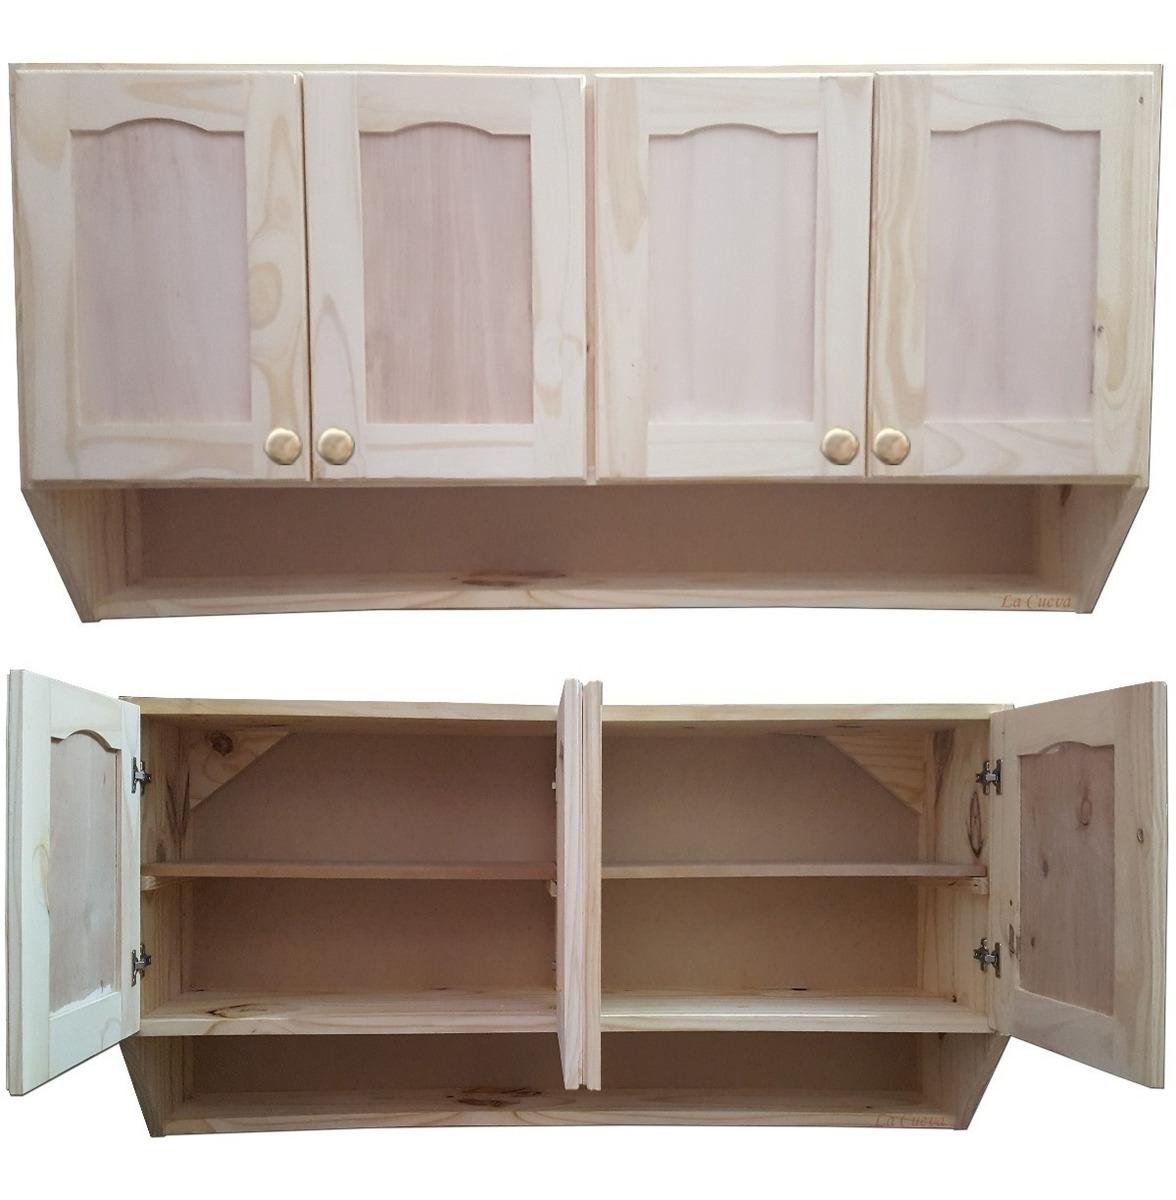 Mueble De Cocina - Aereo 4 Puertas - Alacena - Madera -lcm